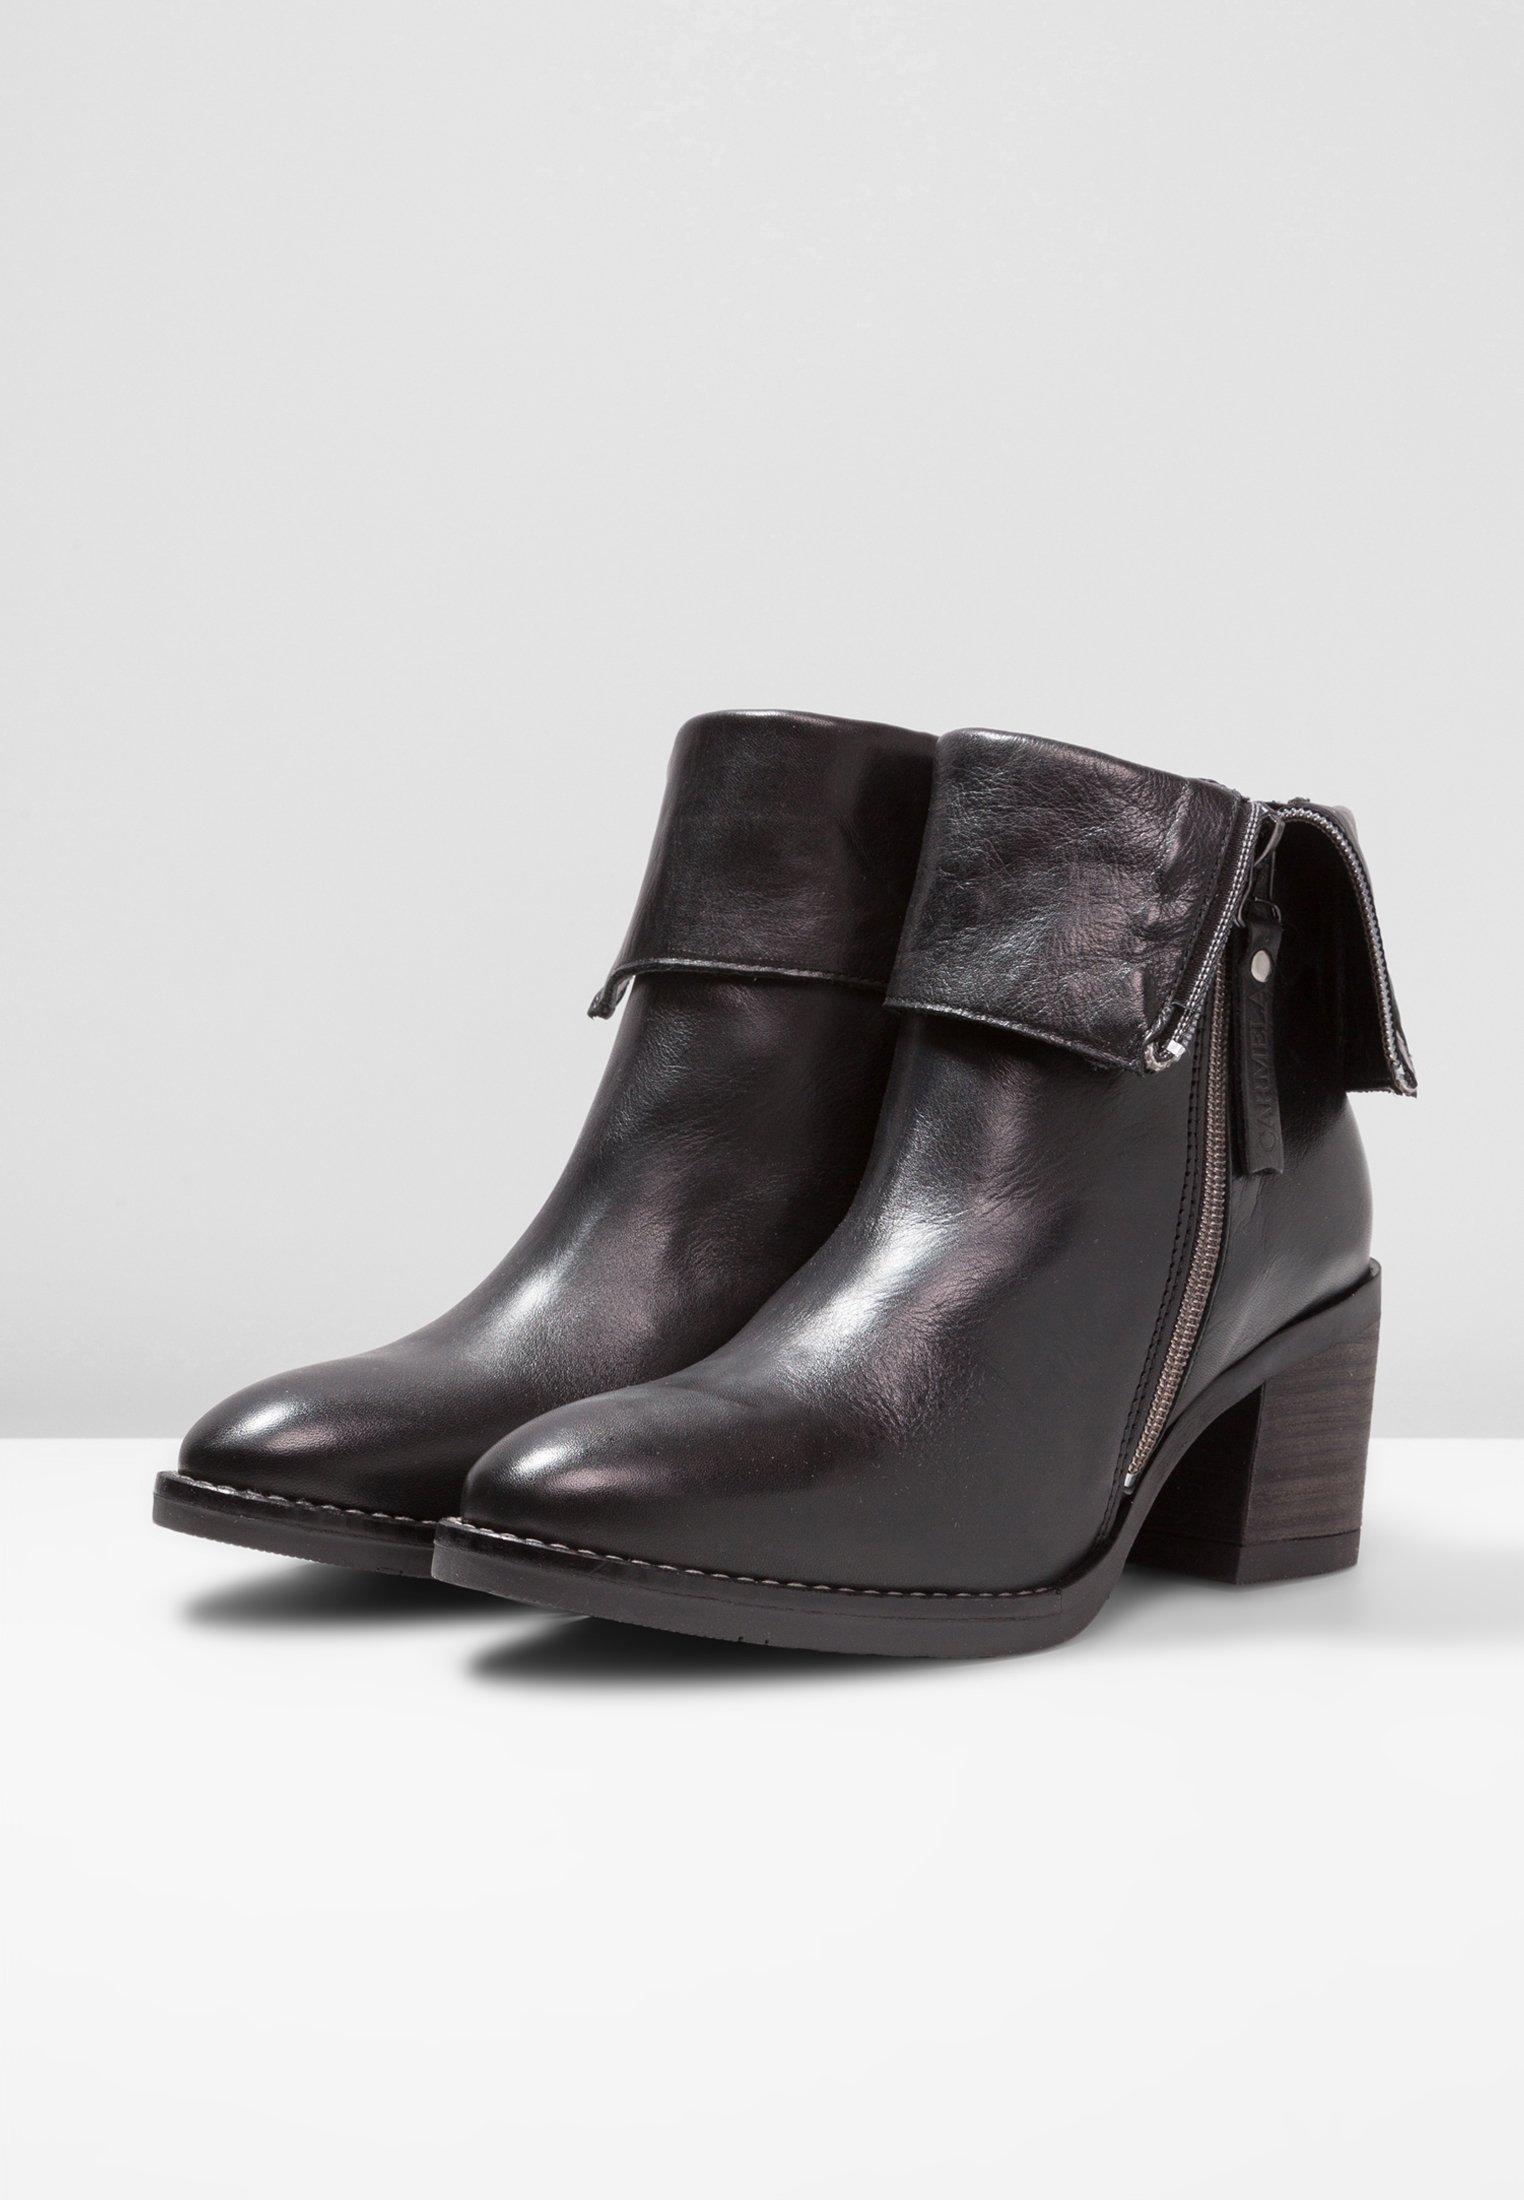 Carmela Carmela Boots TalonsBlack Boots TalonsBlack Carmela À Boots À À TalonsBlack O8Pk0nw